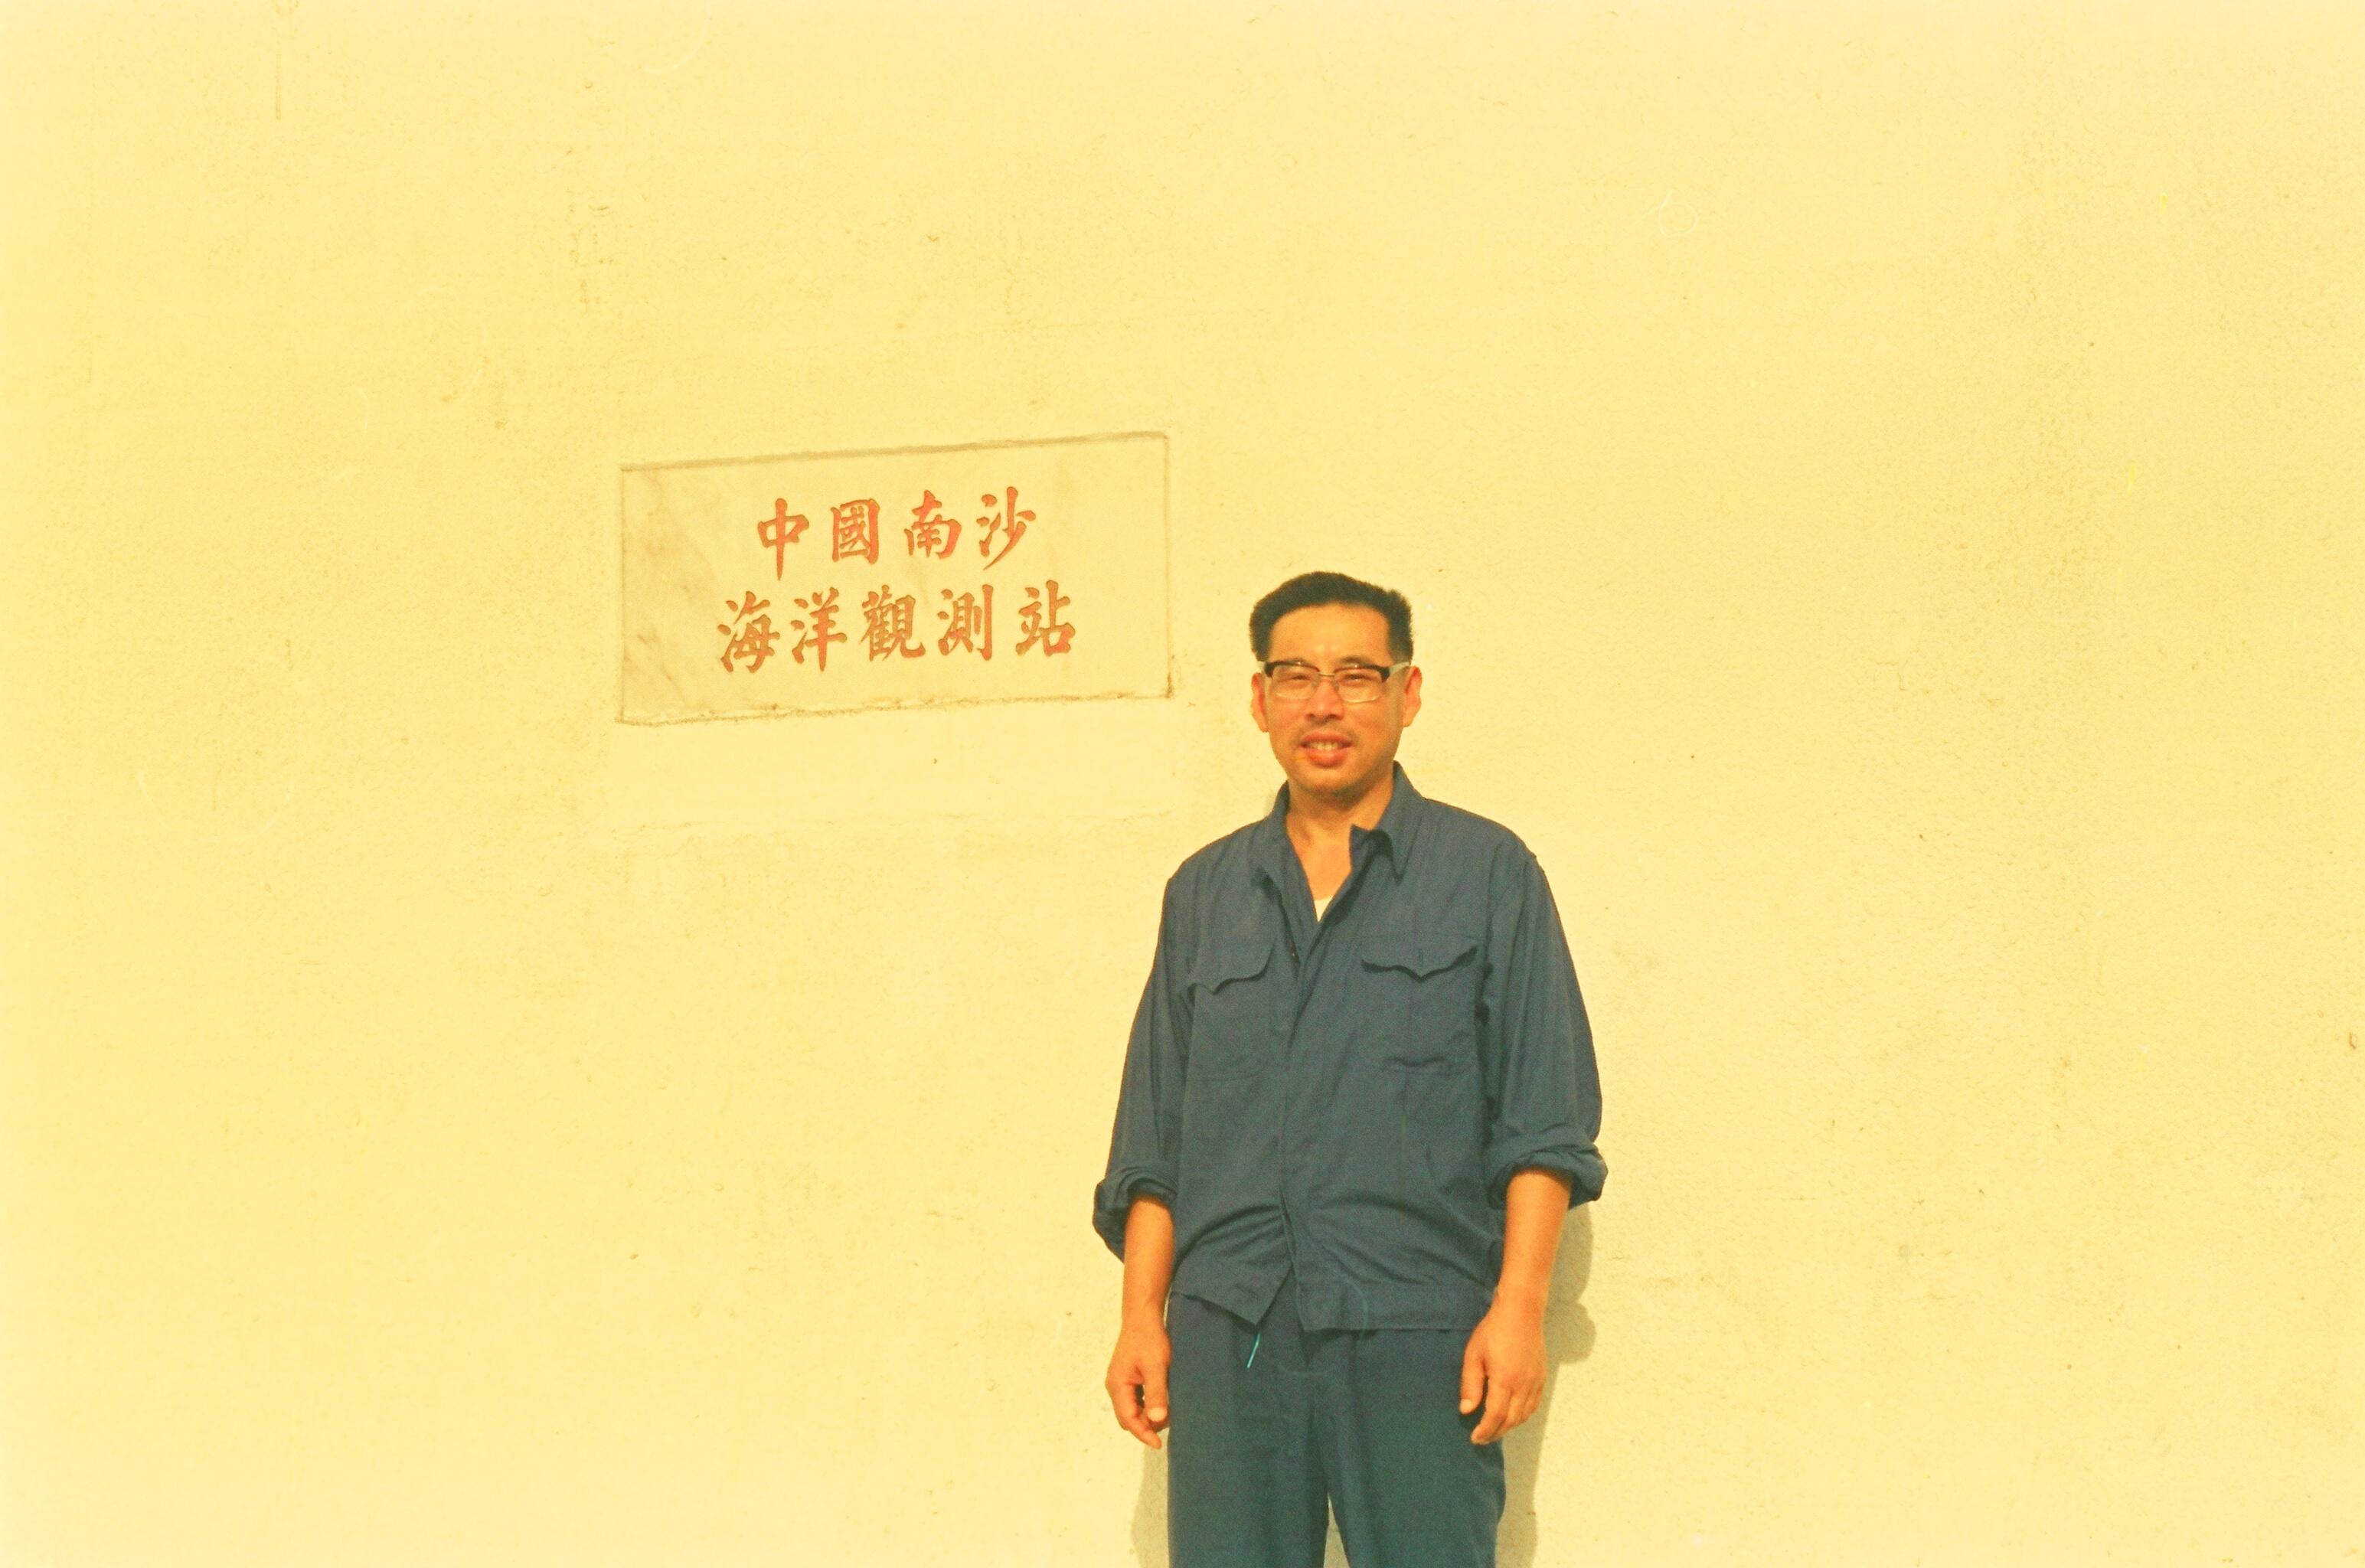 http://www.notcsoa.org.cn/uploads/images/201808/7YTjbmVgpg.JPG